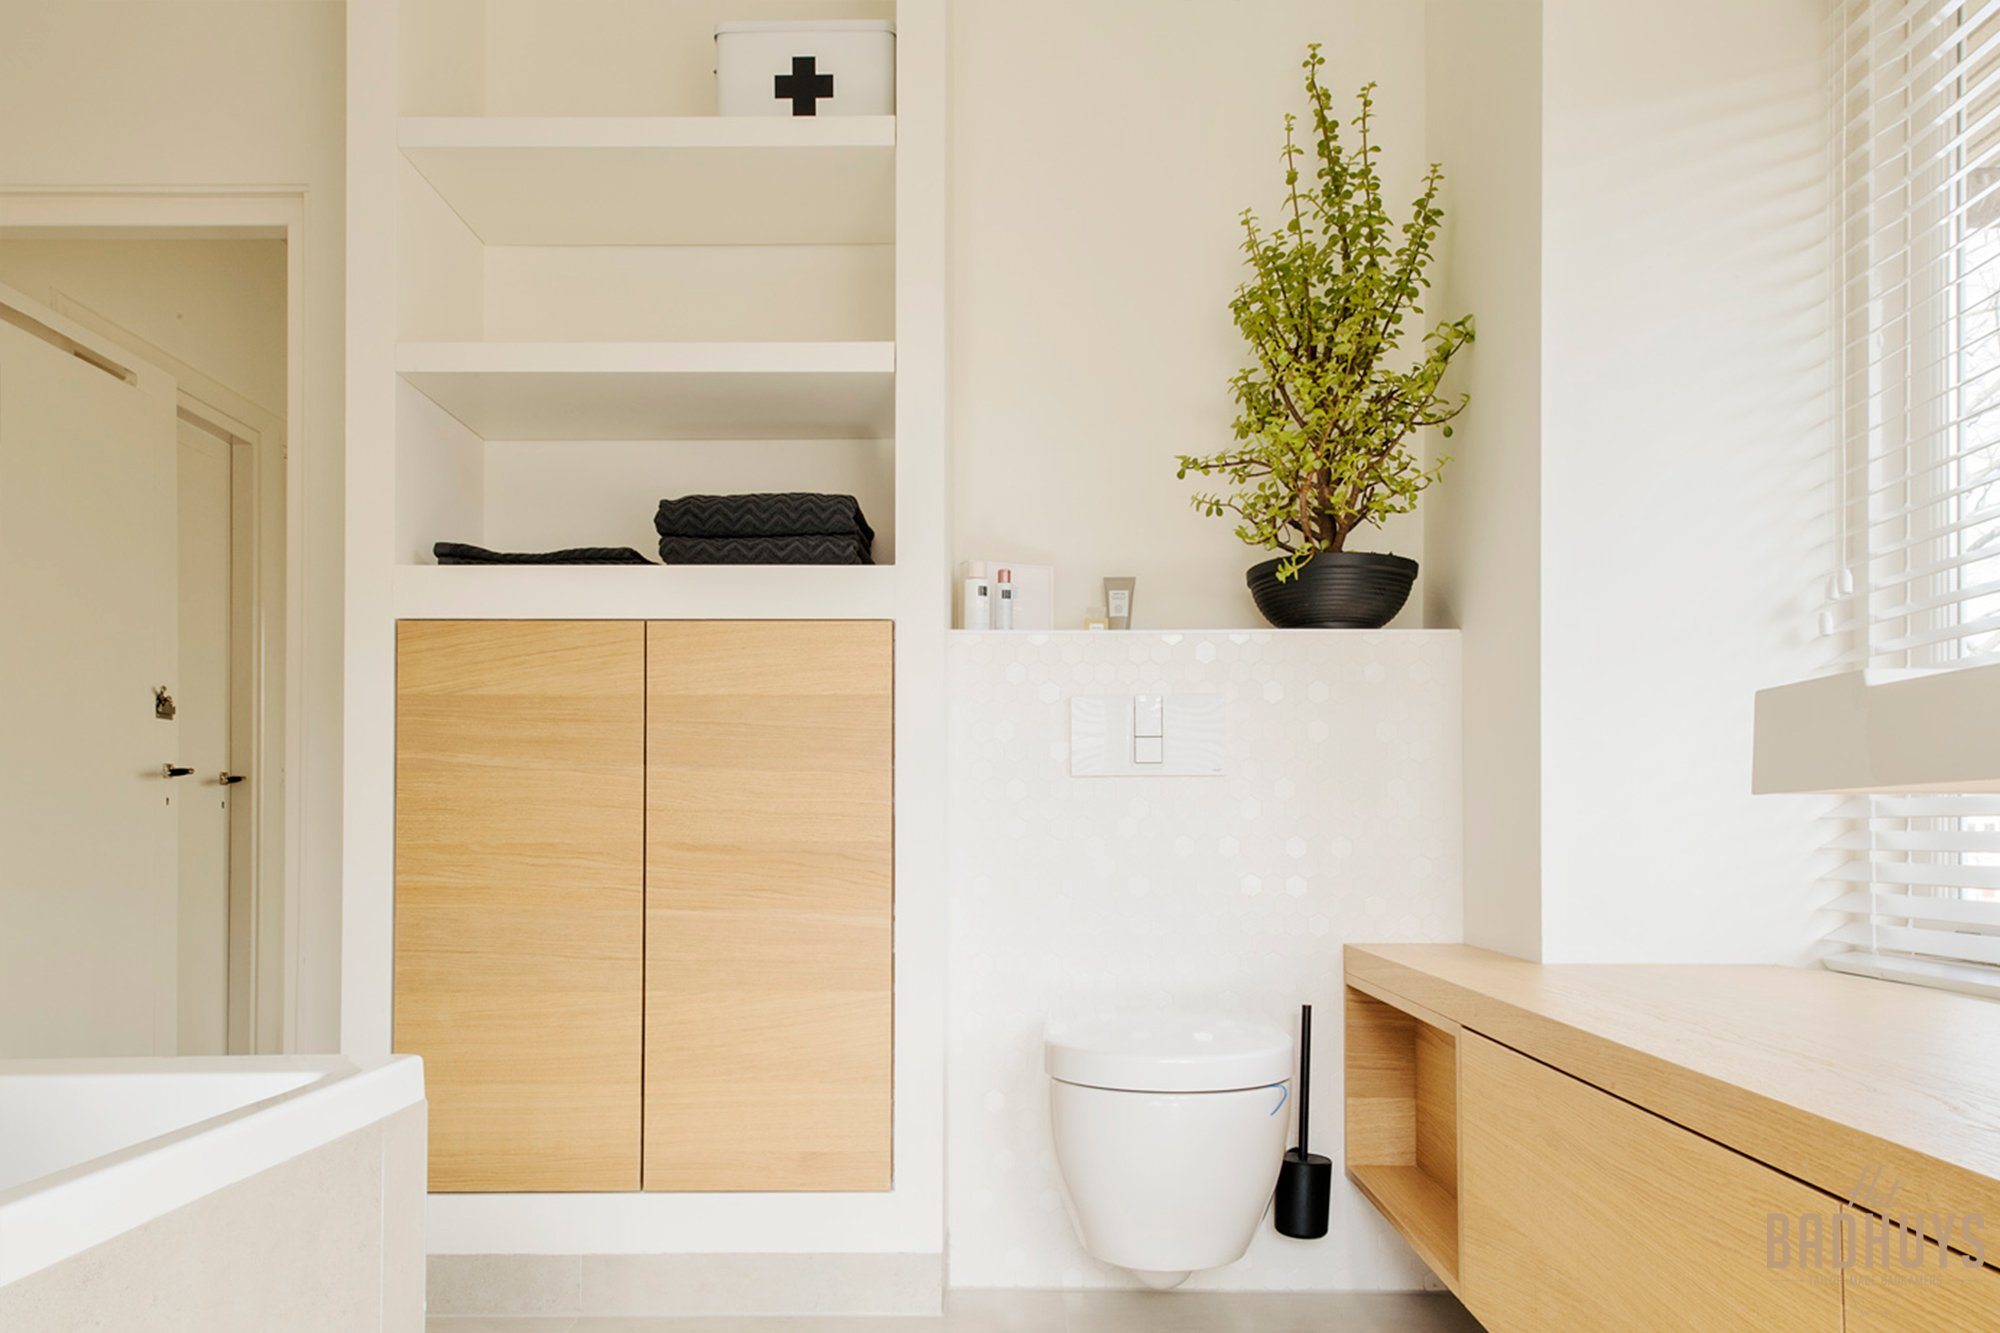 Kleine badkamer met hangend toilet om ruimte, ruimtelijk te laten ogen.